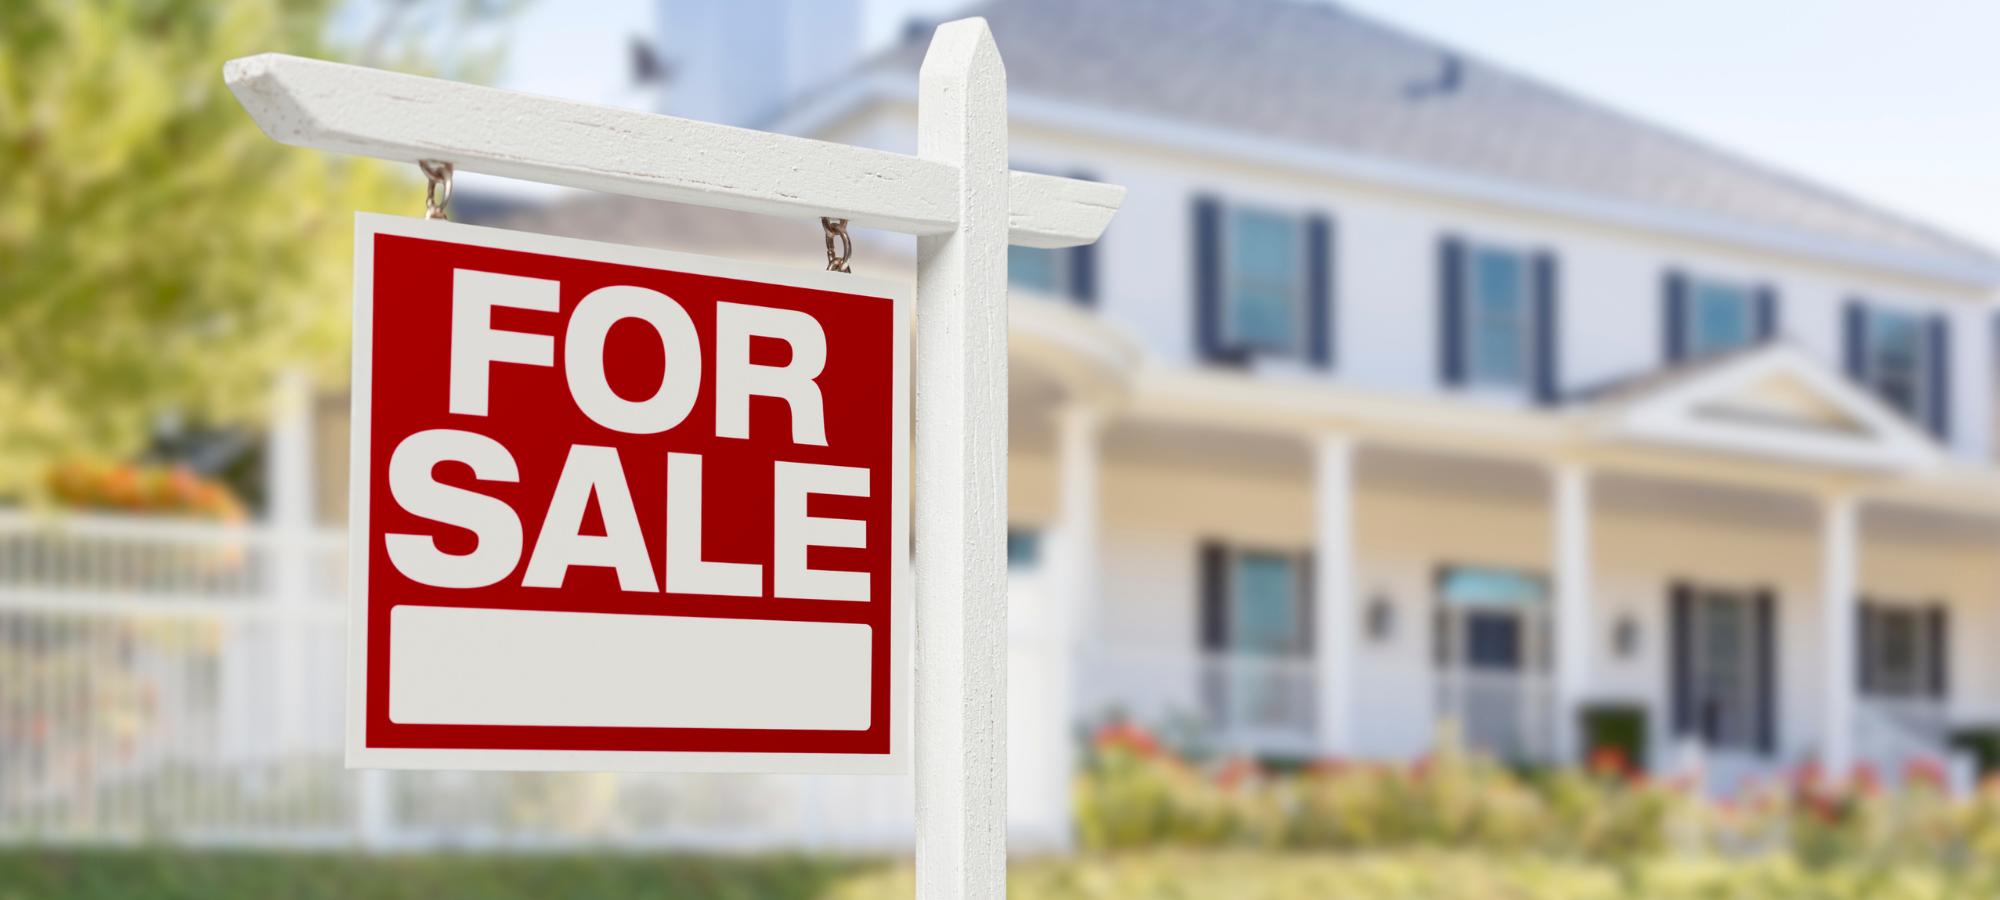 Prepare to Sell Home Checklist PDF 2021